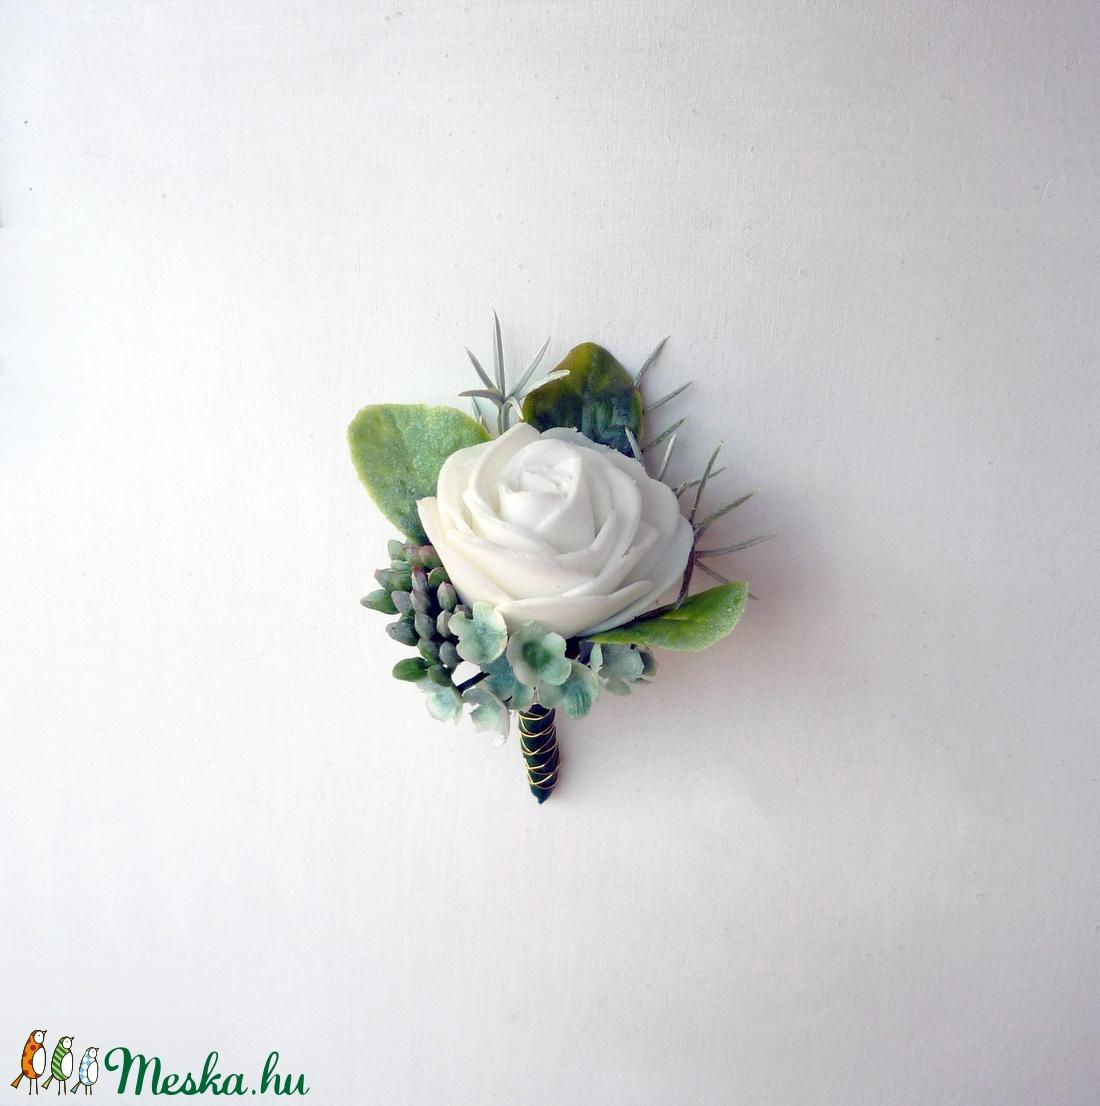 Vőlegény kitűző fehér rózsa (Decoflor) - Meska.hu